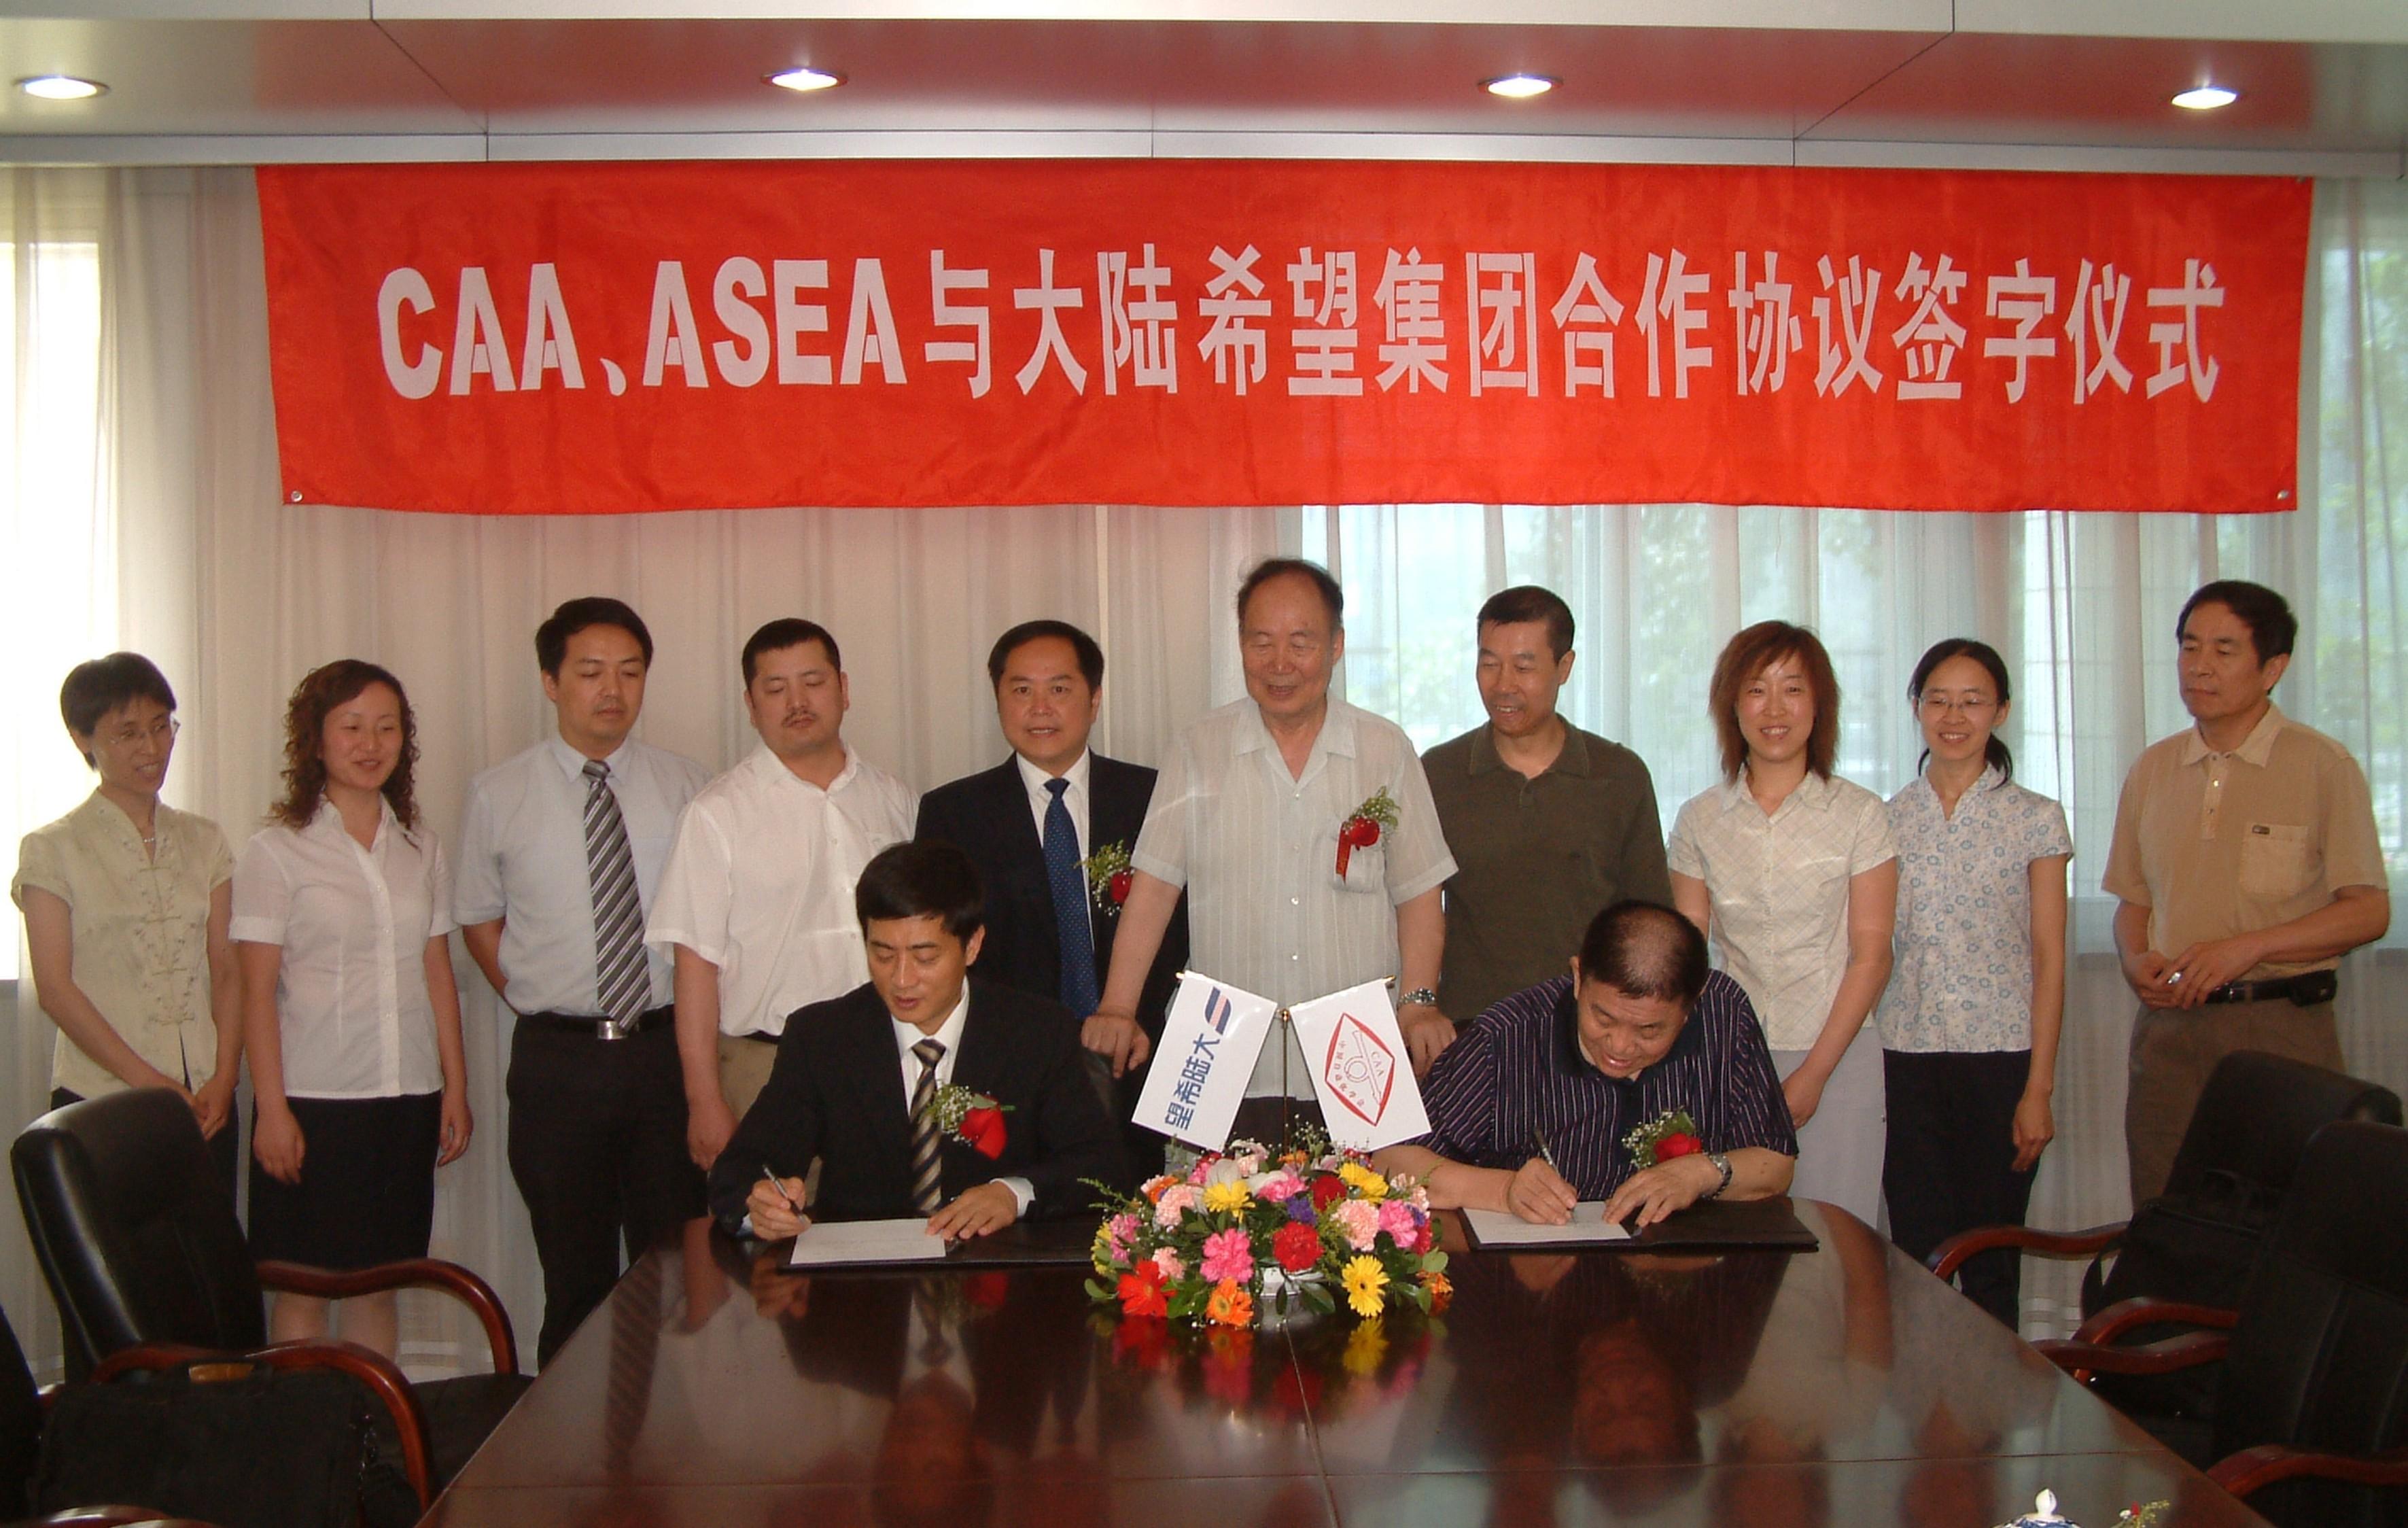 大陸希望集團與中國自動化學會、ASEA簽署戰略合作協議